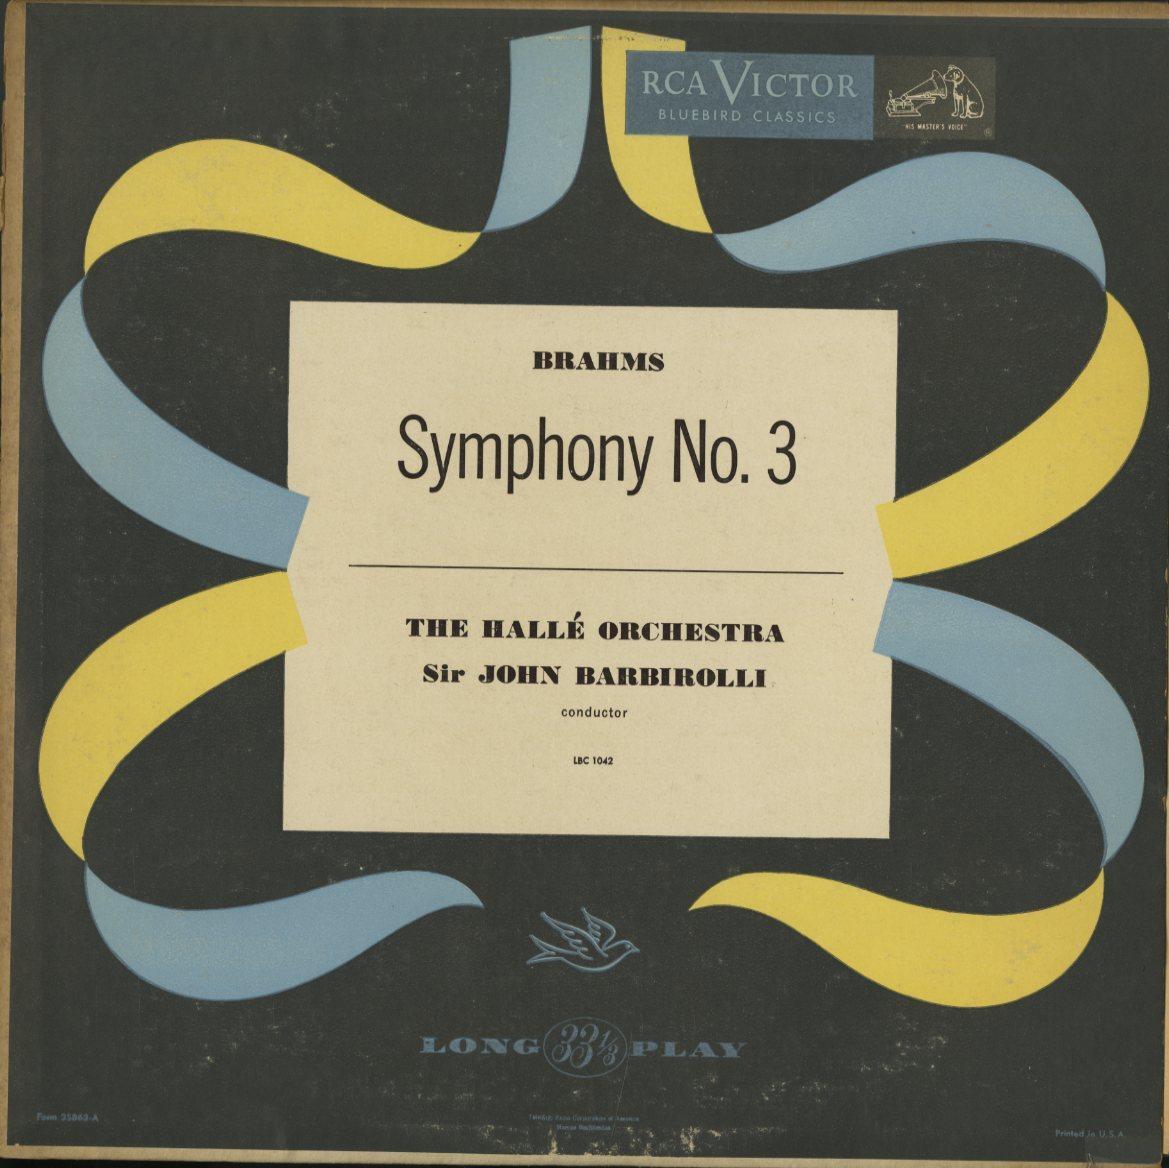 米 RCA Bluebird イダ・ヘンデル クーベリック ベートーヴェン バルビローリ ヤン・スメテルリン ブラームス アマデウス弦楽四重奏団 4LP_画像3